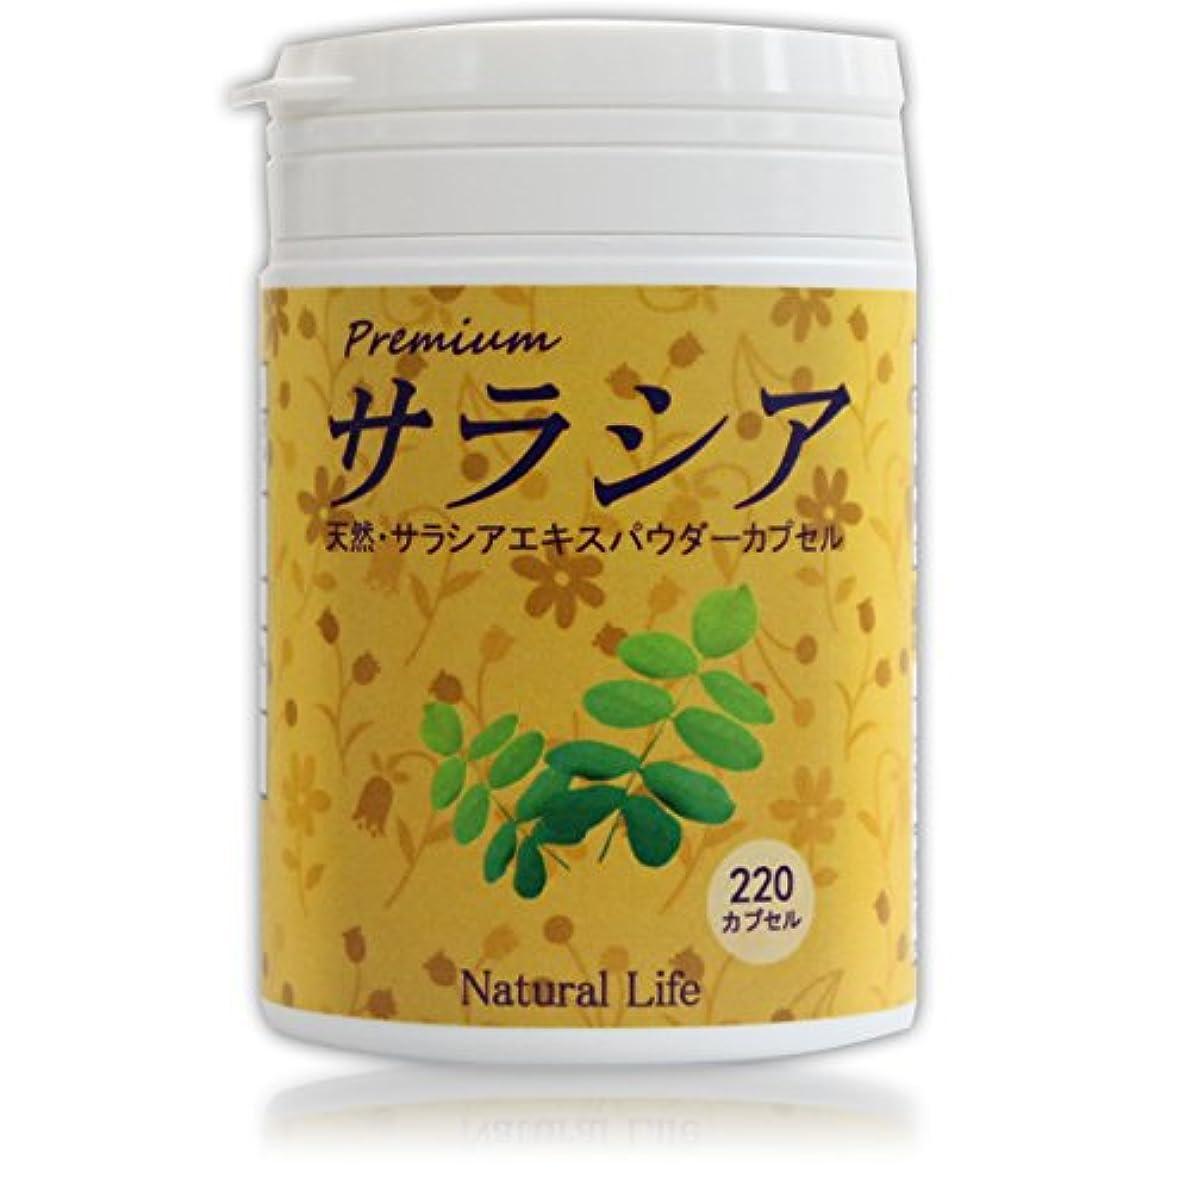 不和自治家事サラシアカプセル[220粒]天然ピュア原料(無添加) 健康食品(サラシア,さらしあ)